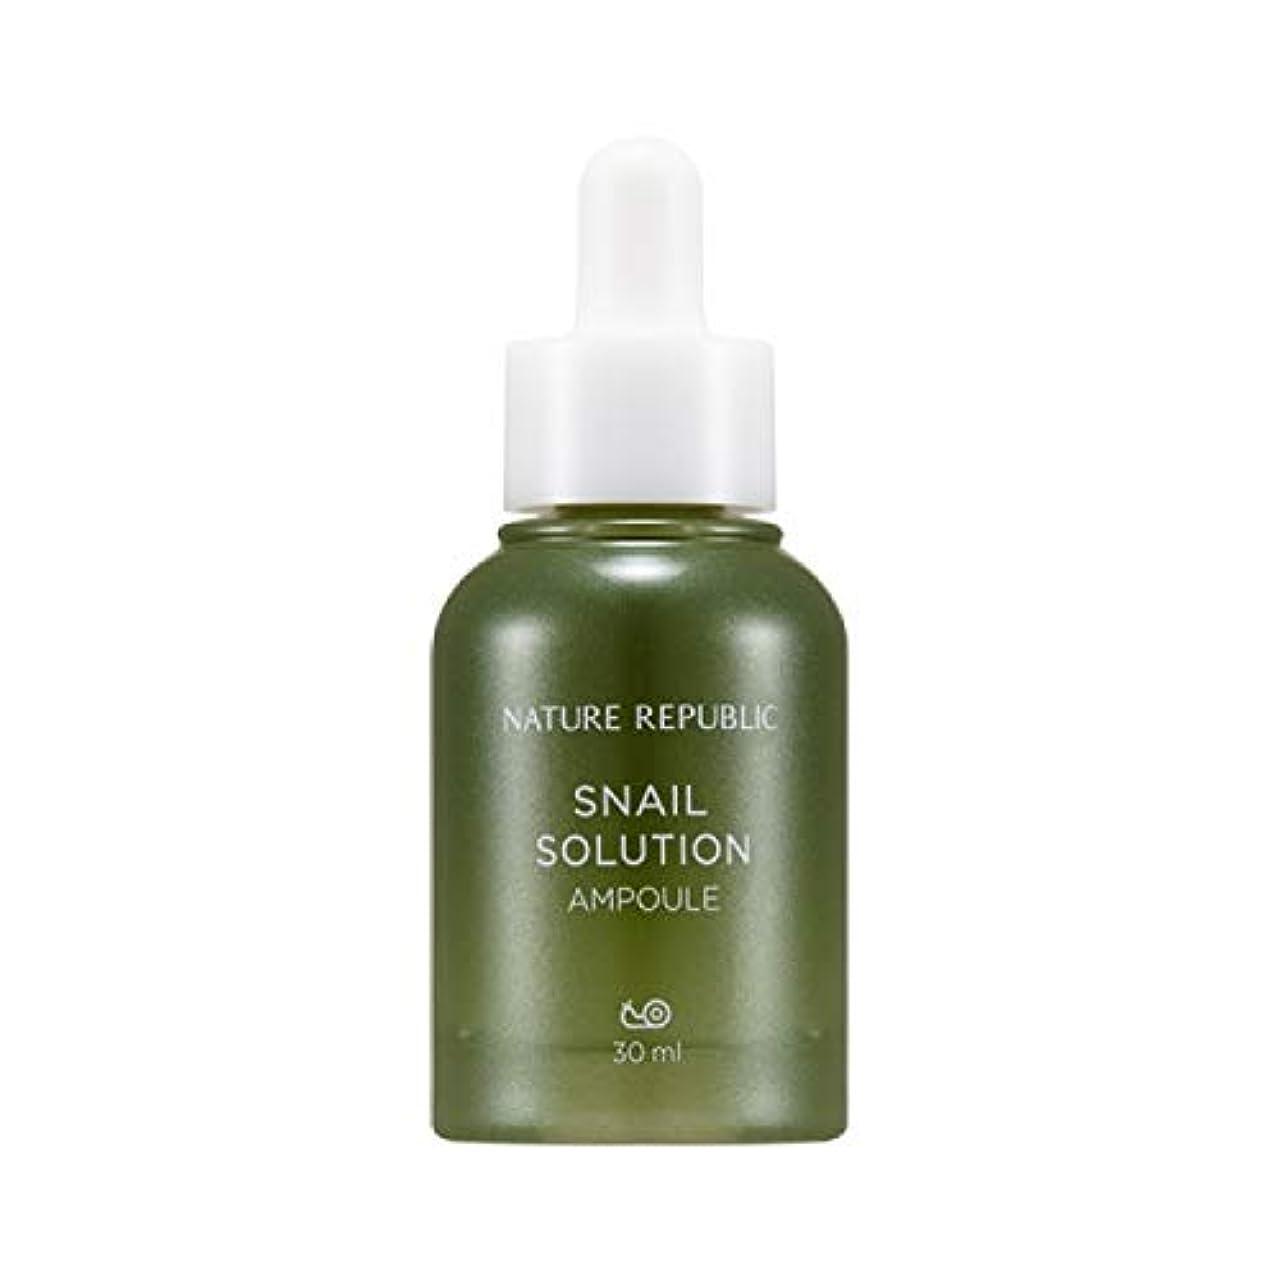 ハウジング早めるチャールズキージングネイチャーリパブリック(Nature Republic)カタツムリソリューションアンプル 30ml / Snail Solution Ampoule 30ml :: 韓国コスメ [並行輸入品]